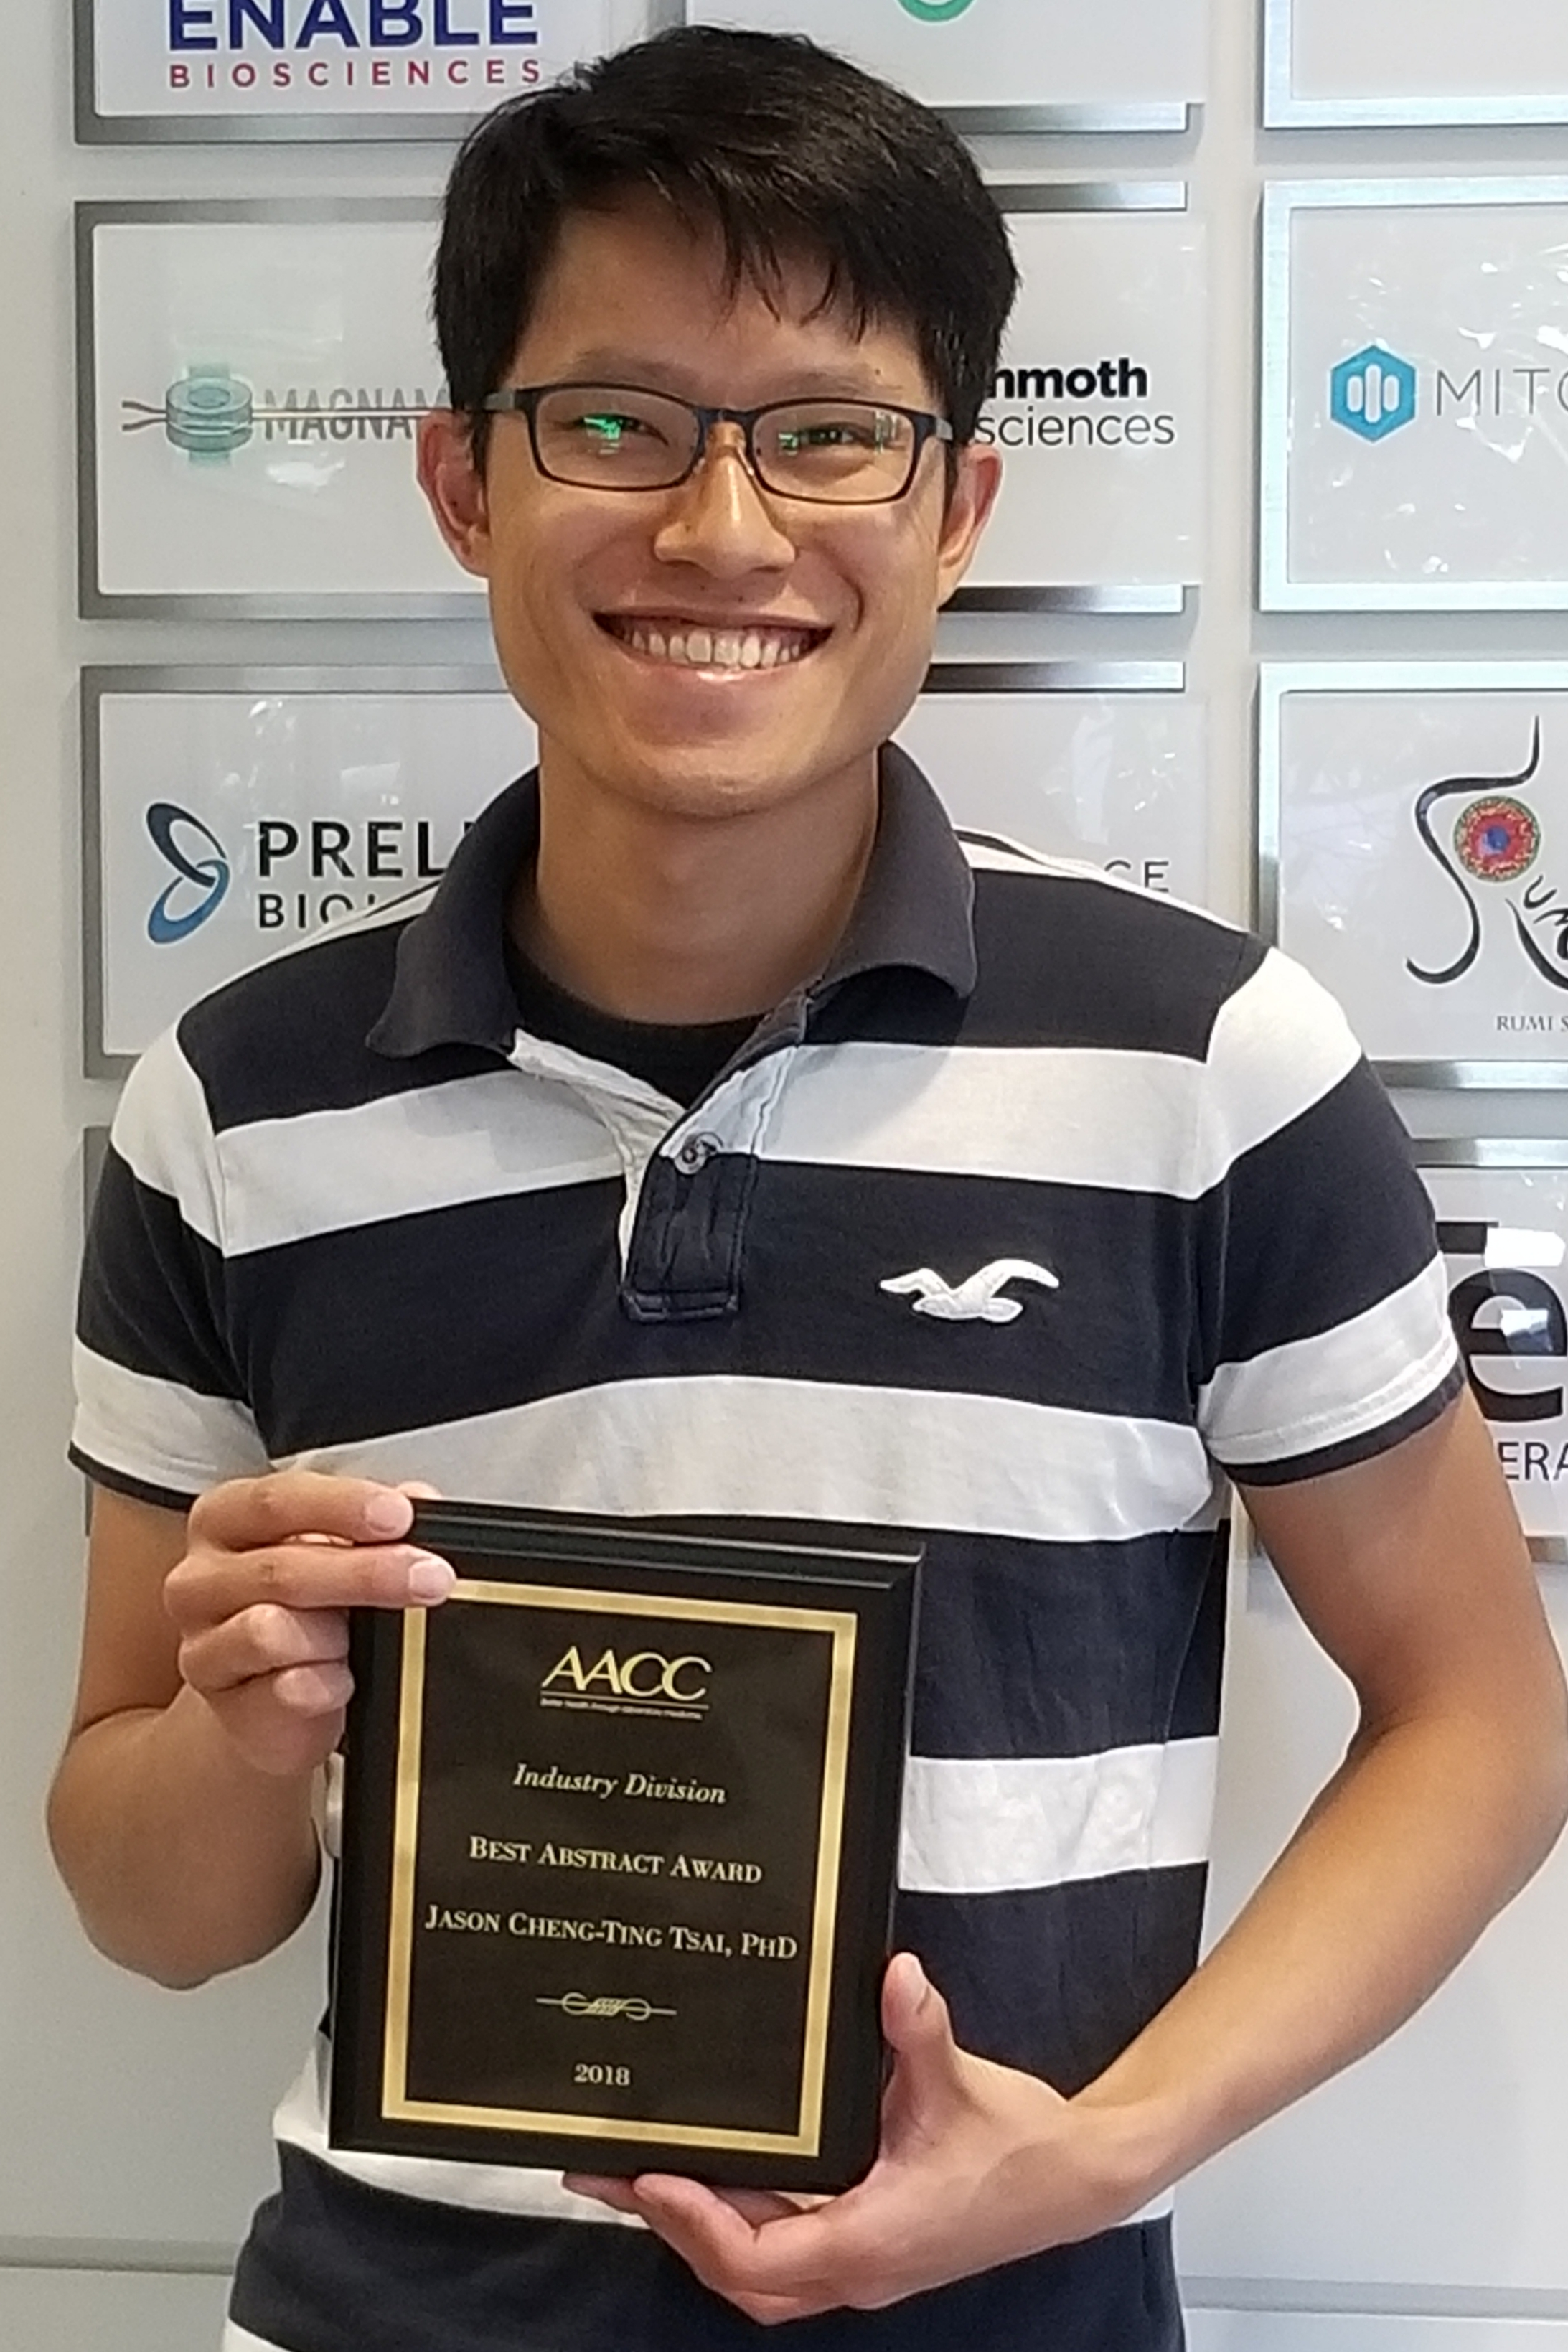 AACC Abstract Award.jpg